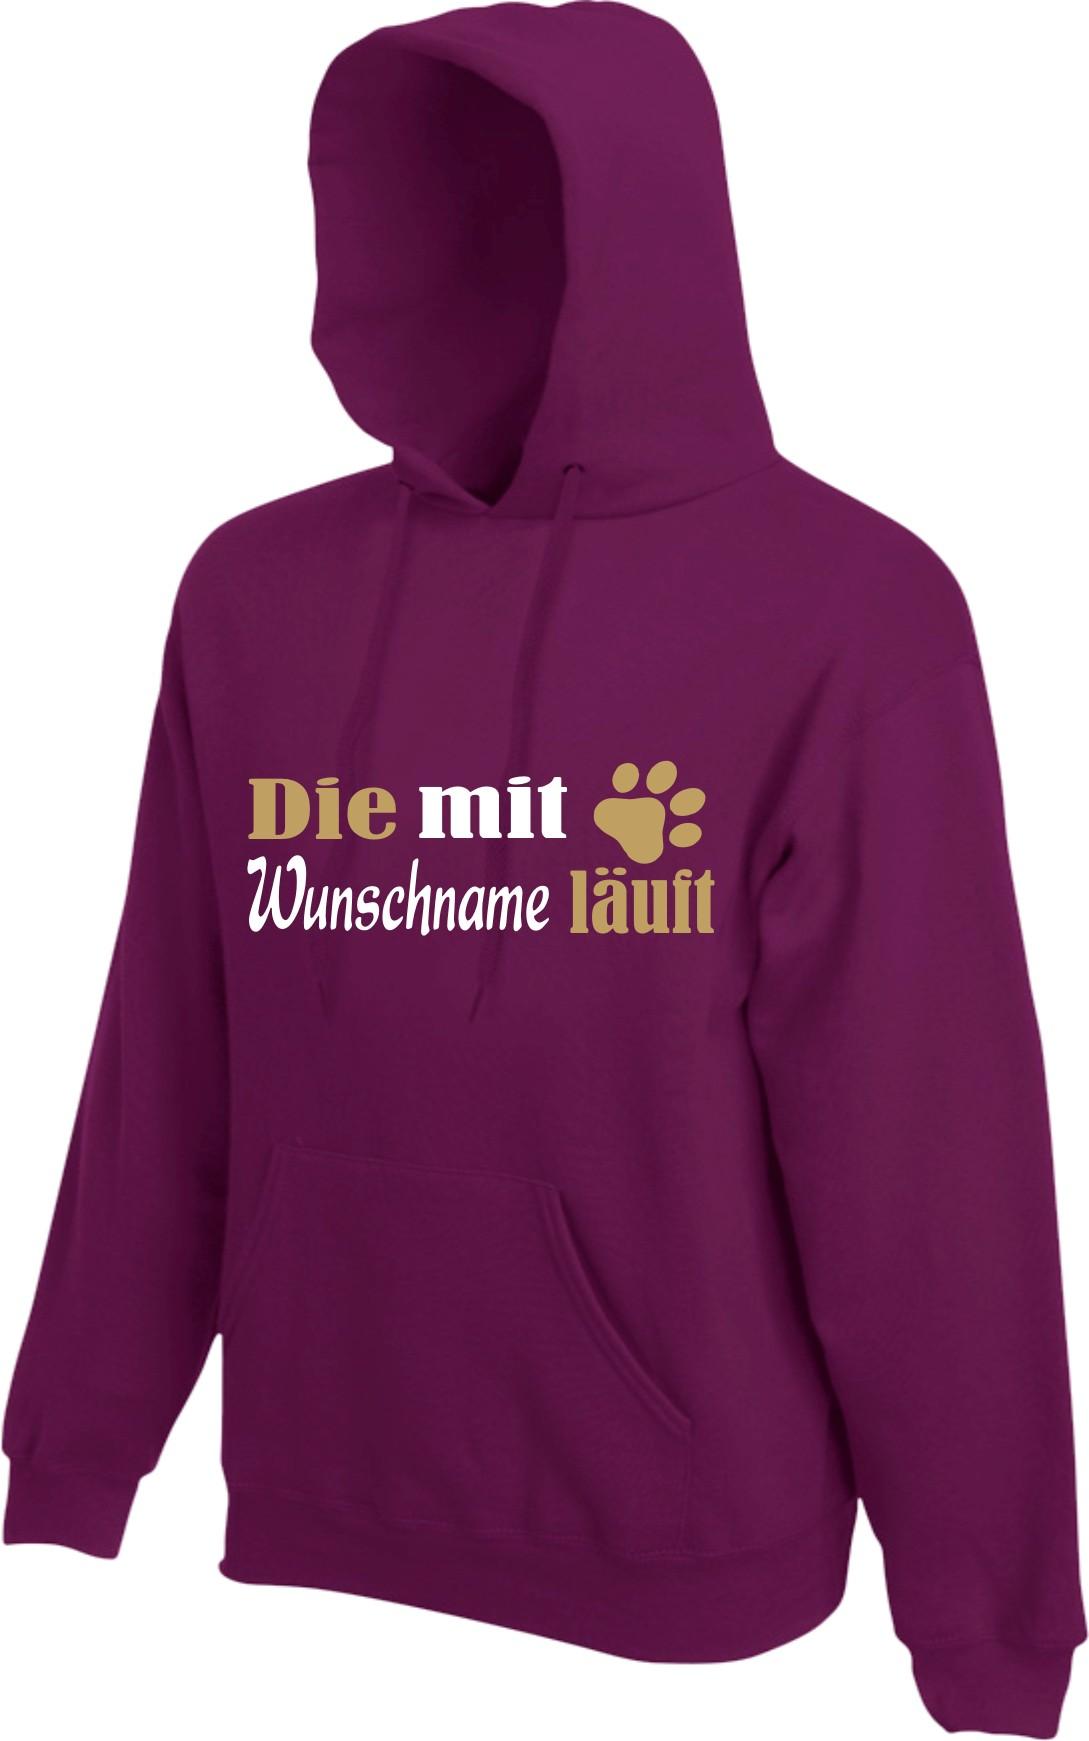 Die_wunschname_hoodie_burgund.jpg